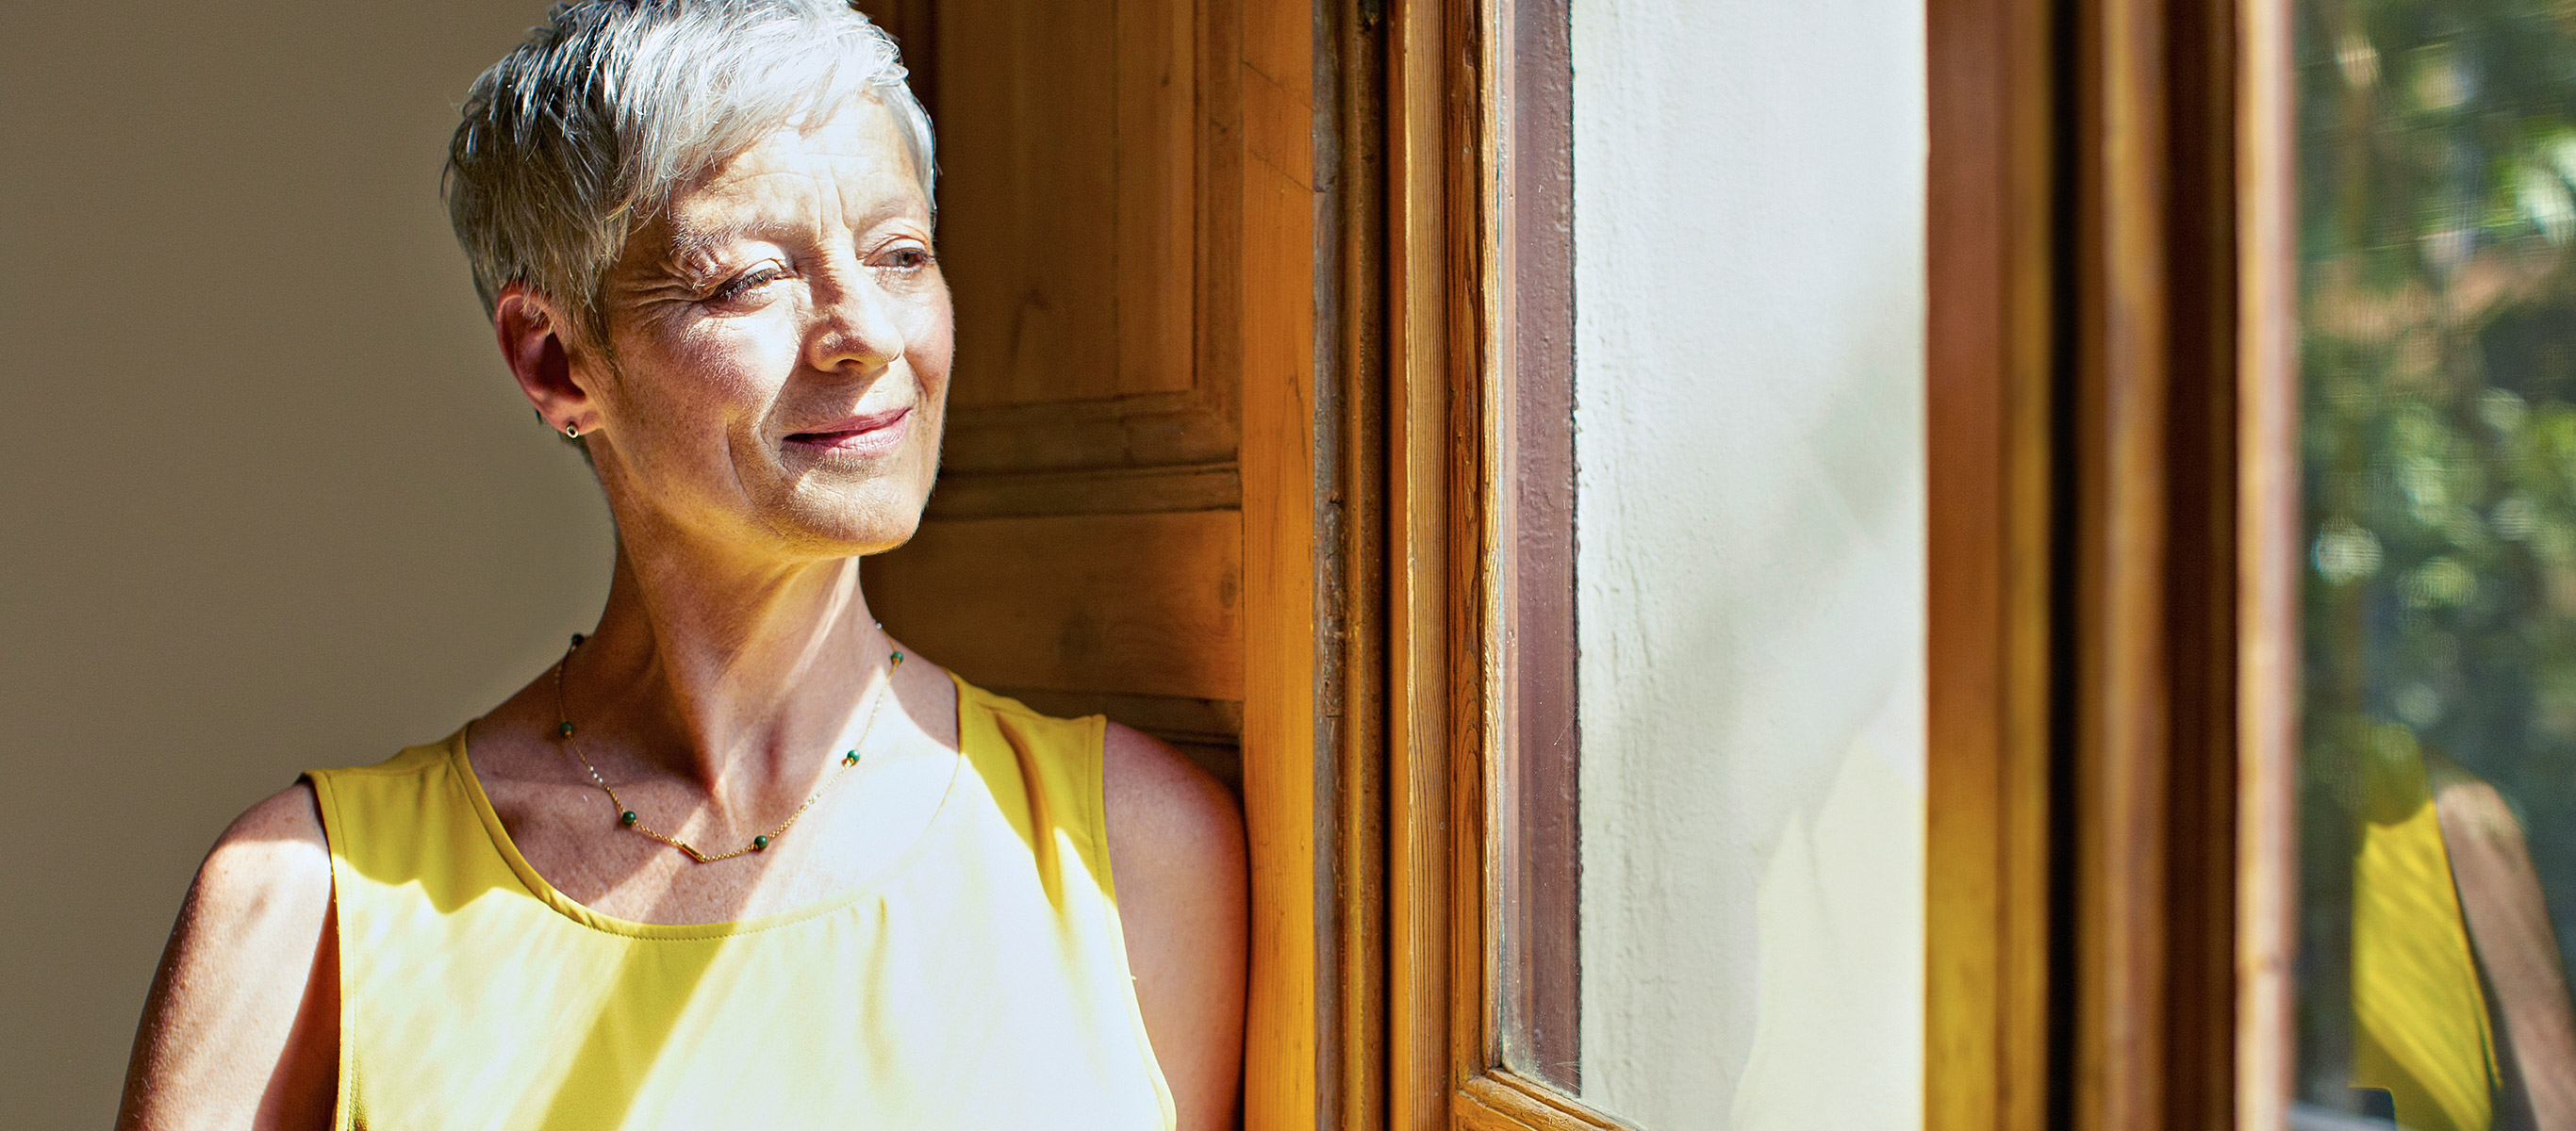 Persönliche Lebensfragen - Beratungsstellen für Schwerhörige und Gehörlose